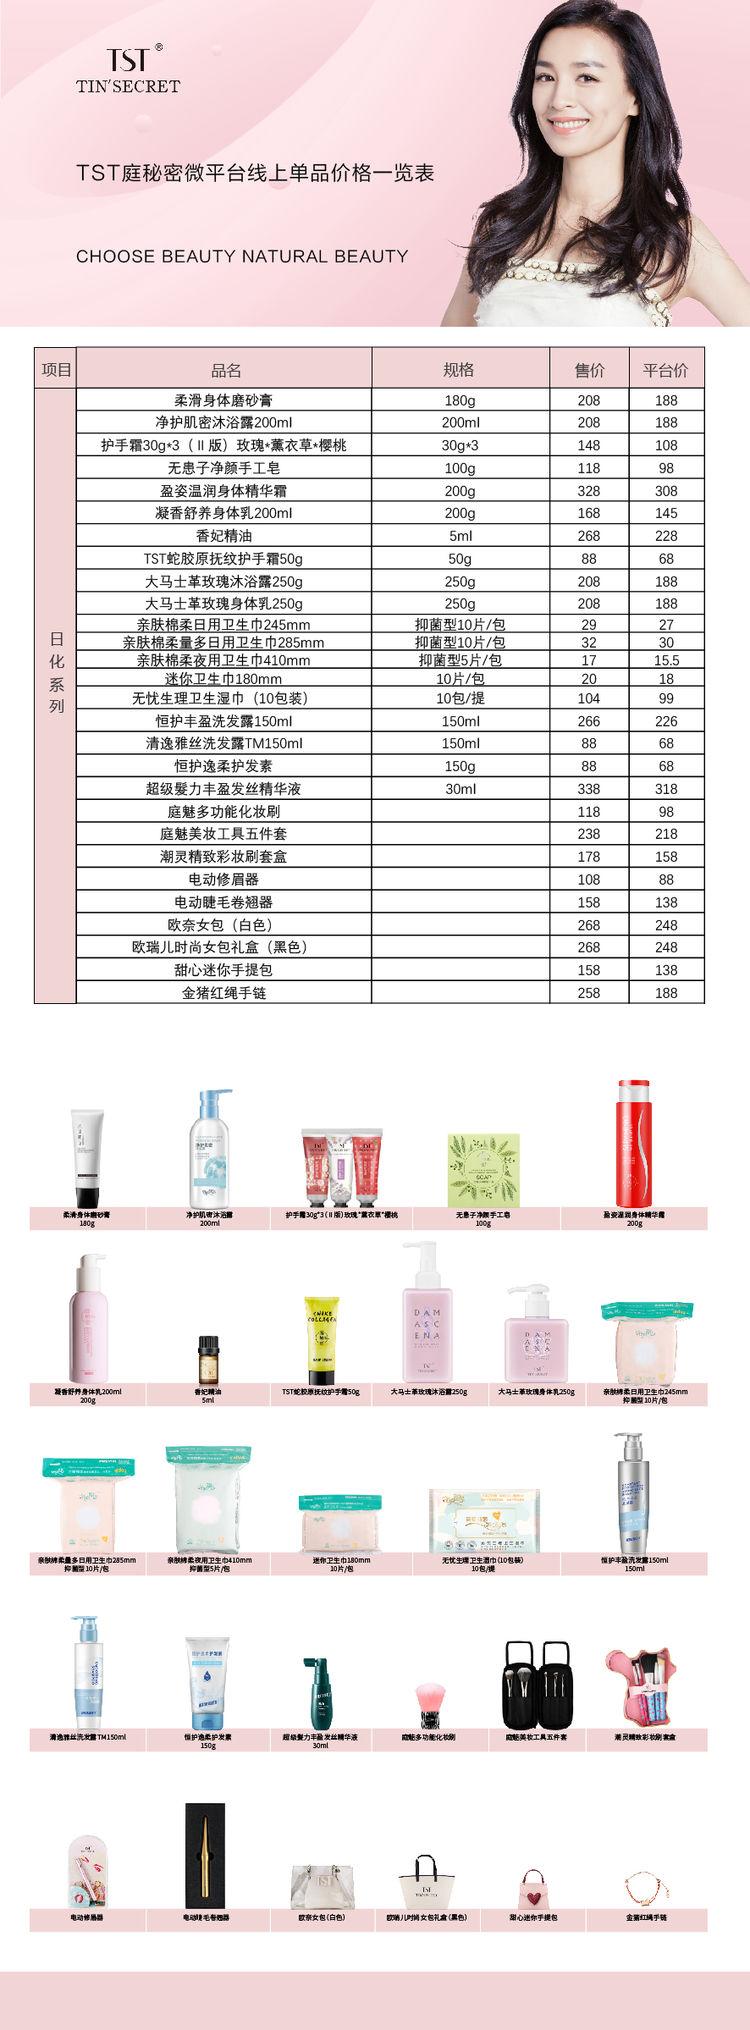 张庭护肤品TST庭秘密日化系列拿货价目表